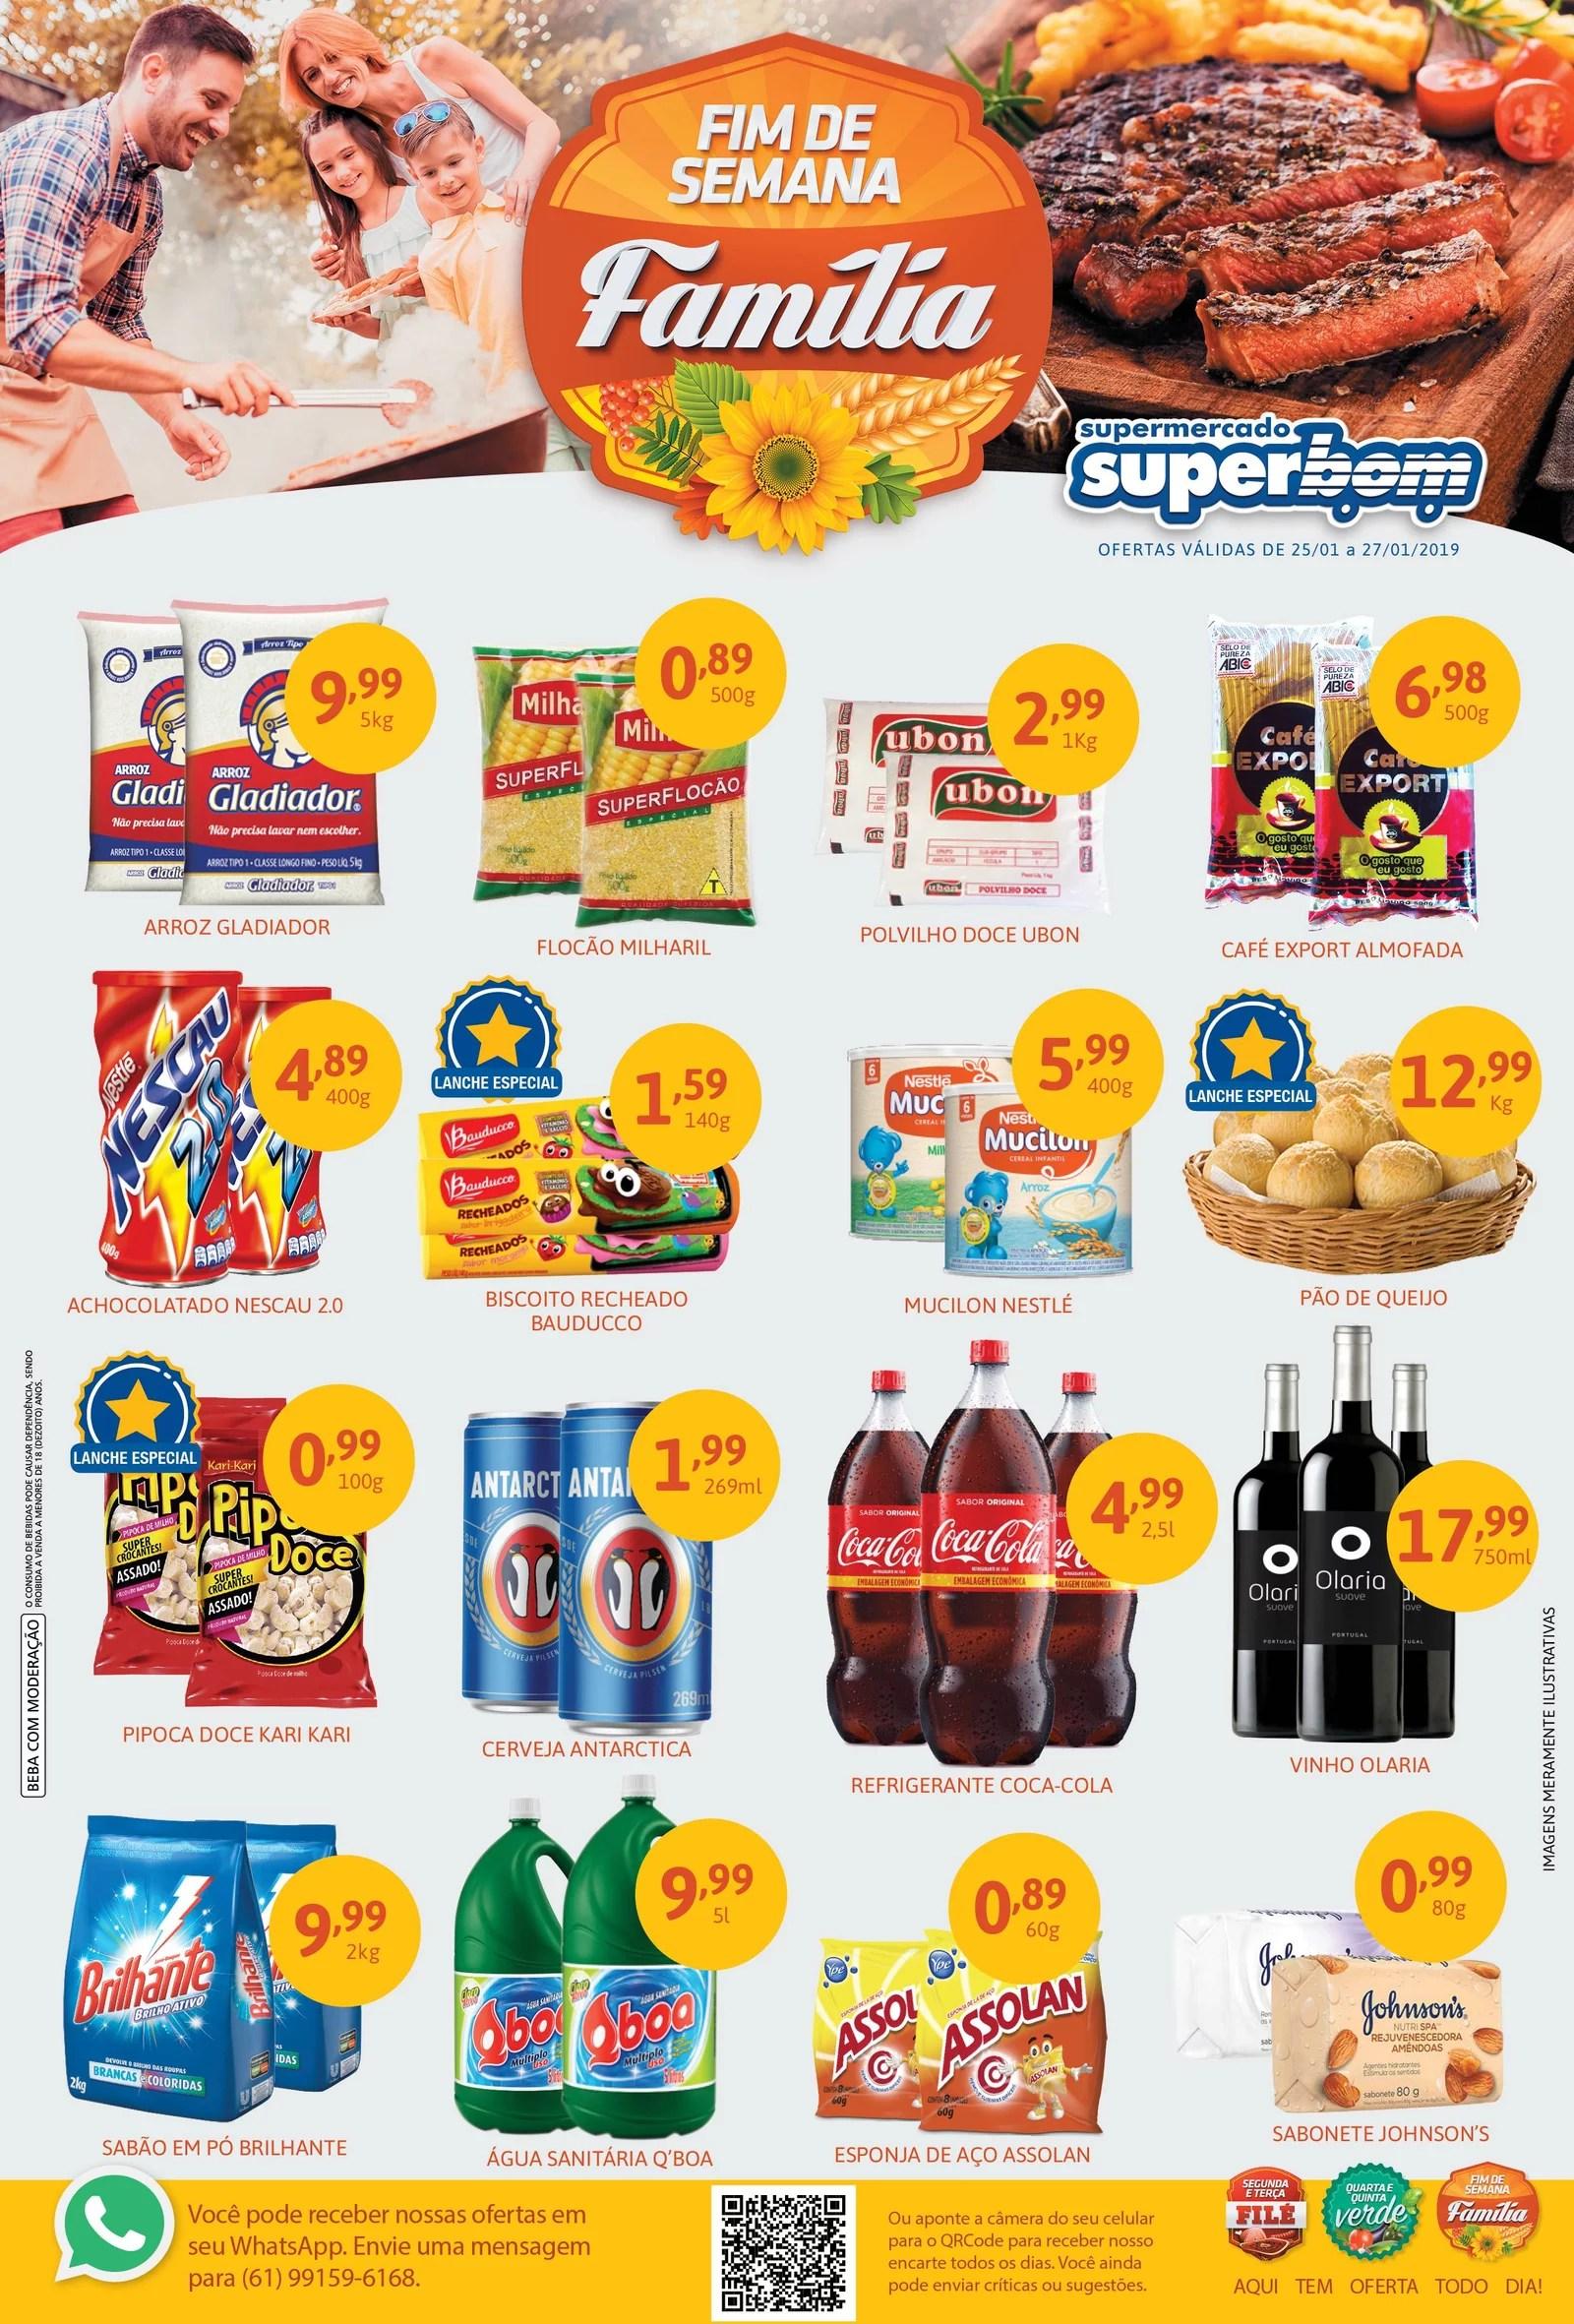 Ofertas Supermercado SuperBom53